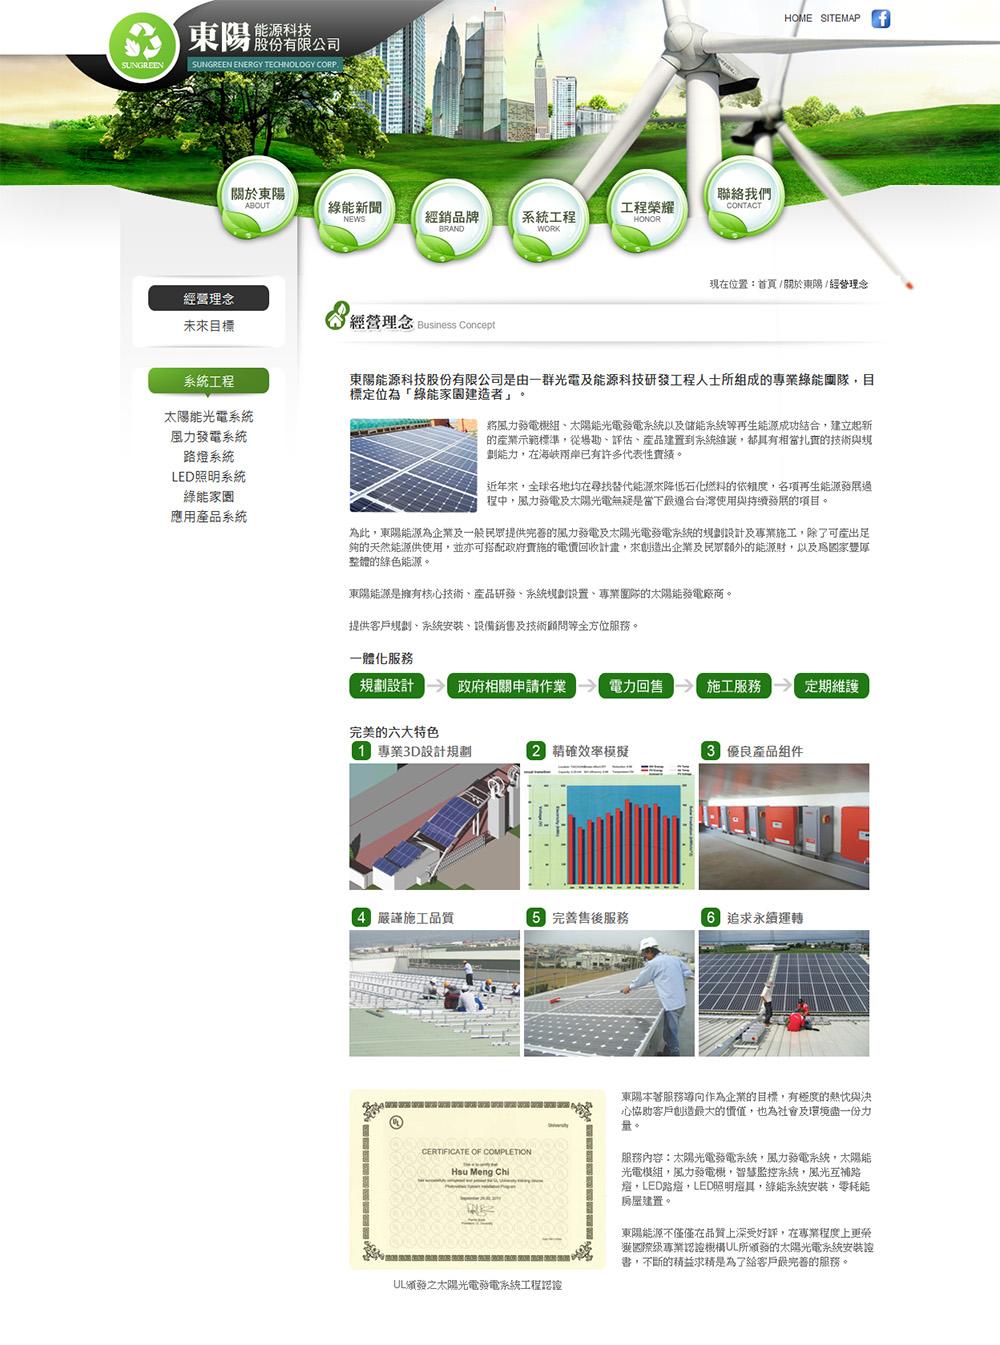 東陽科技網頁設計